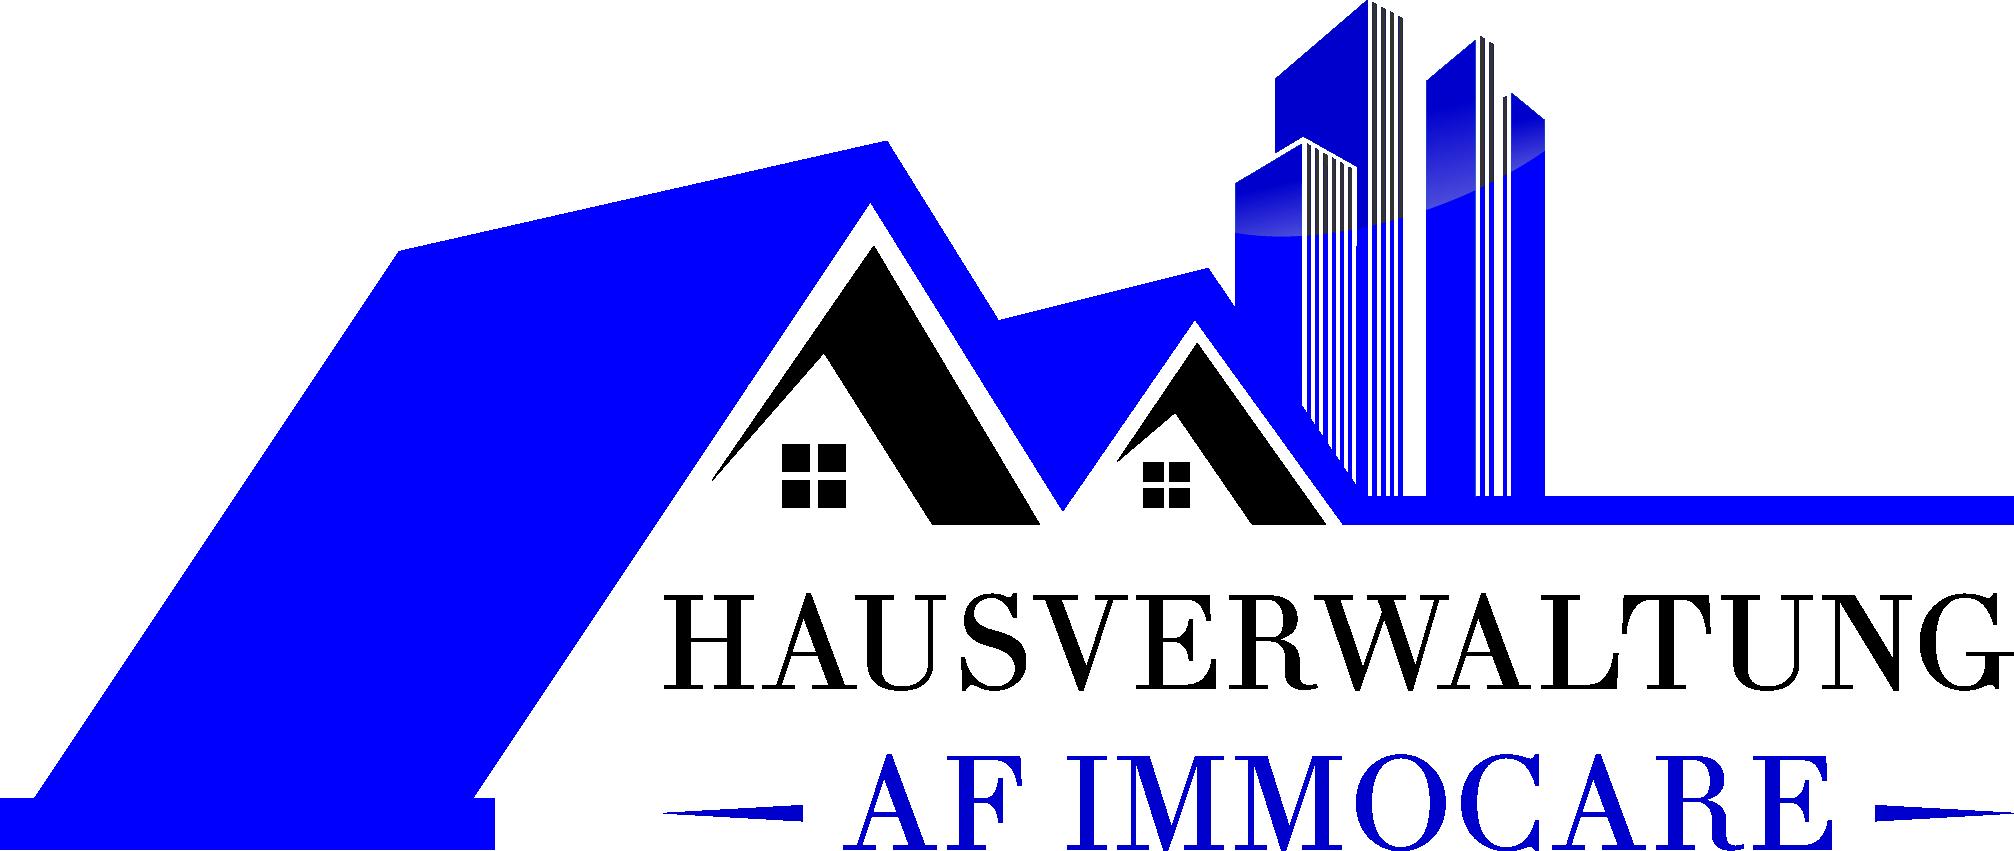 Hausverwaltung AF Immocare